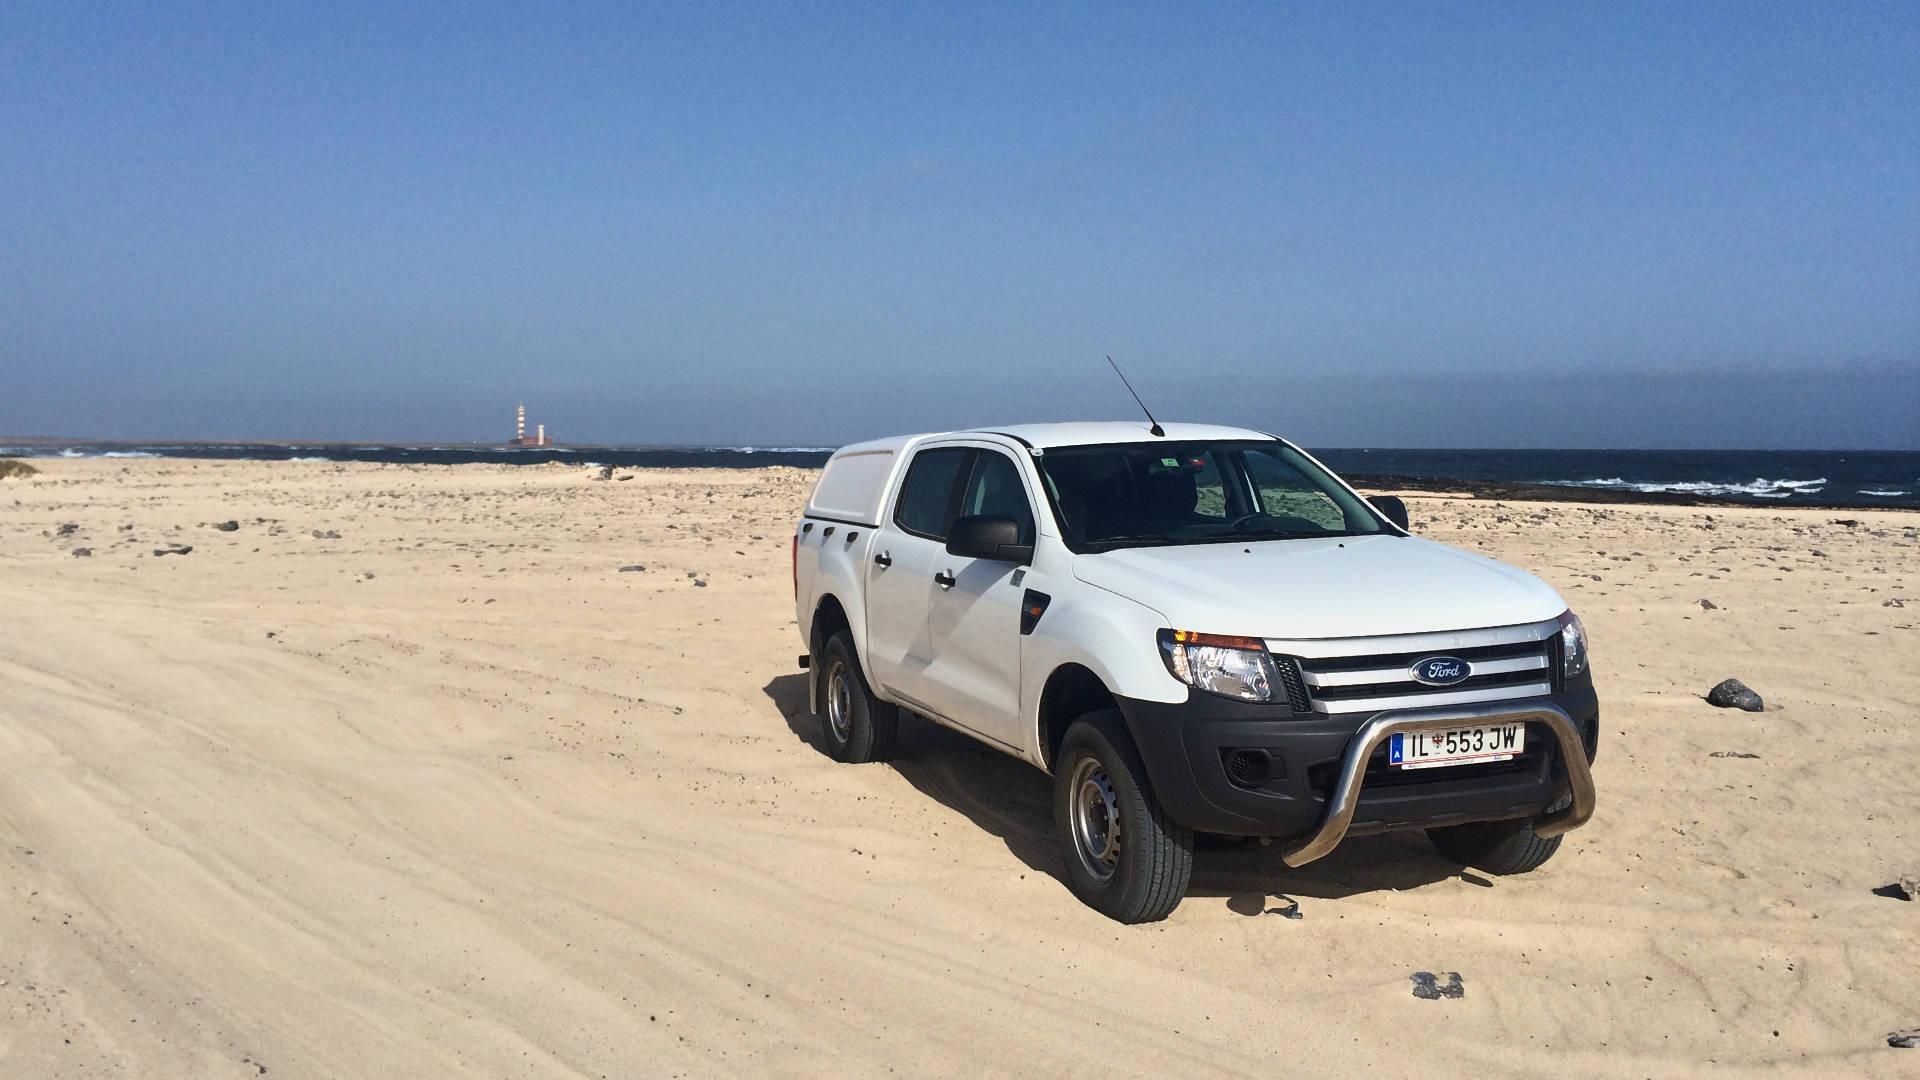 Unterwegs im 4x4 auf Fuerteventura.